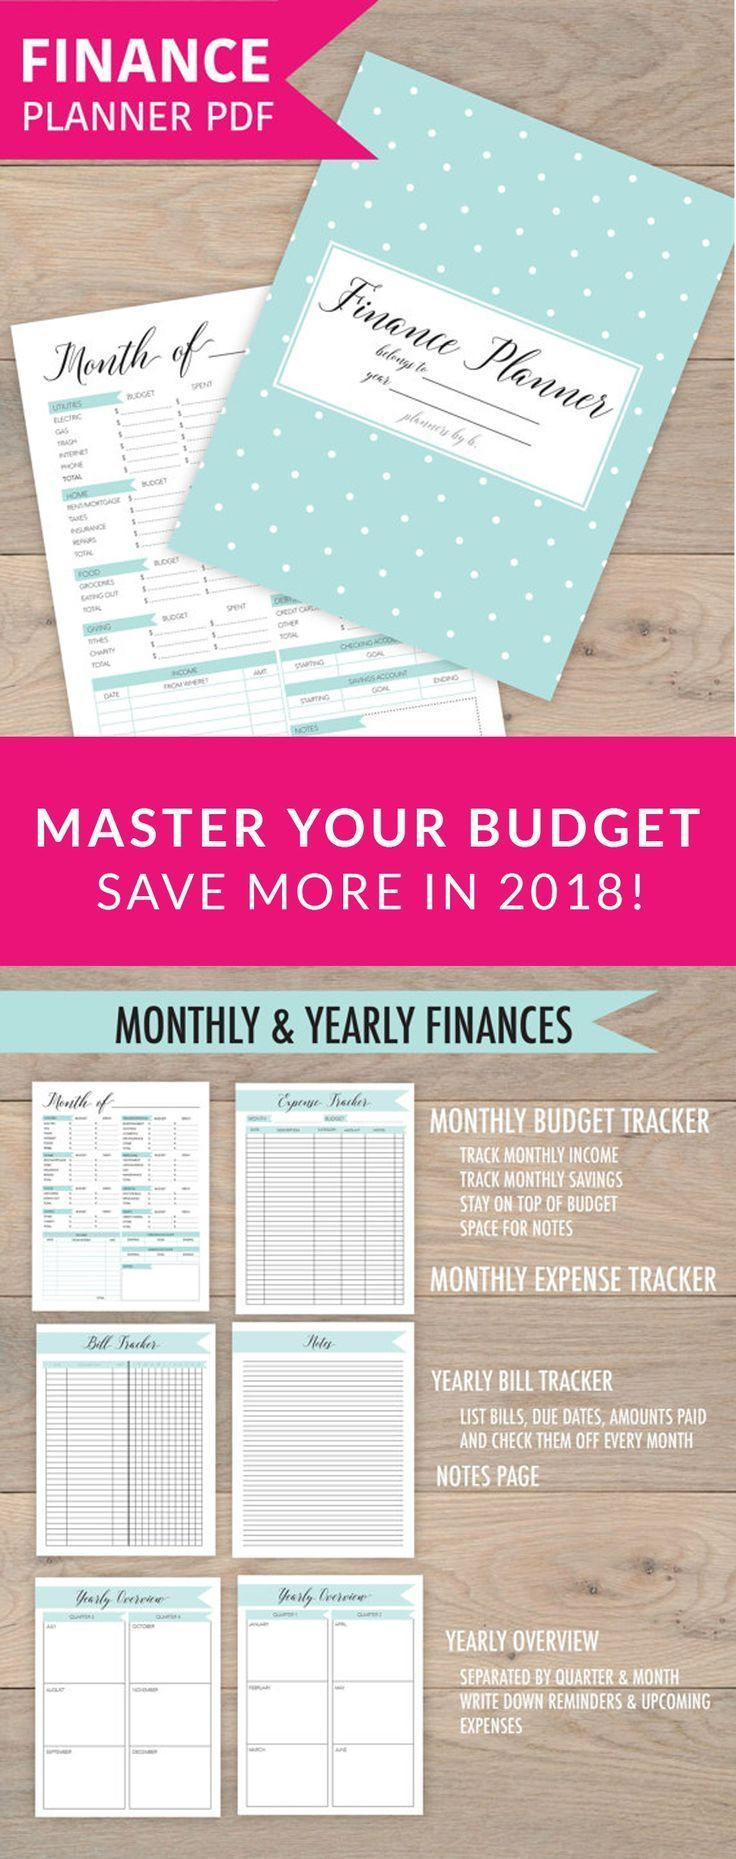 finance planner finance binder budget binder budget planner book